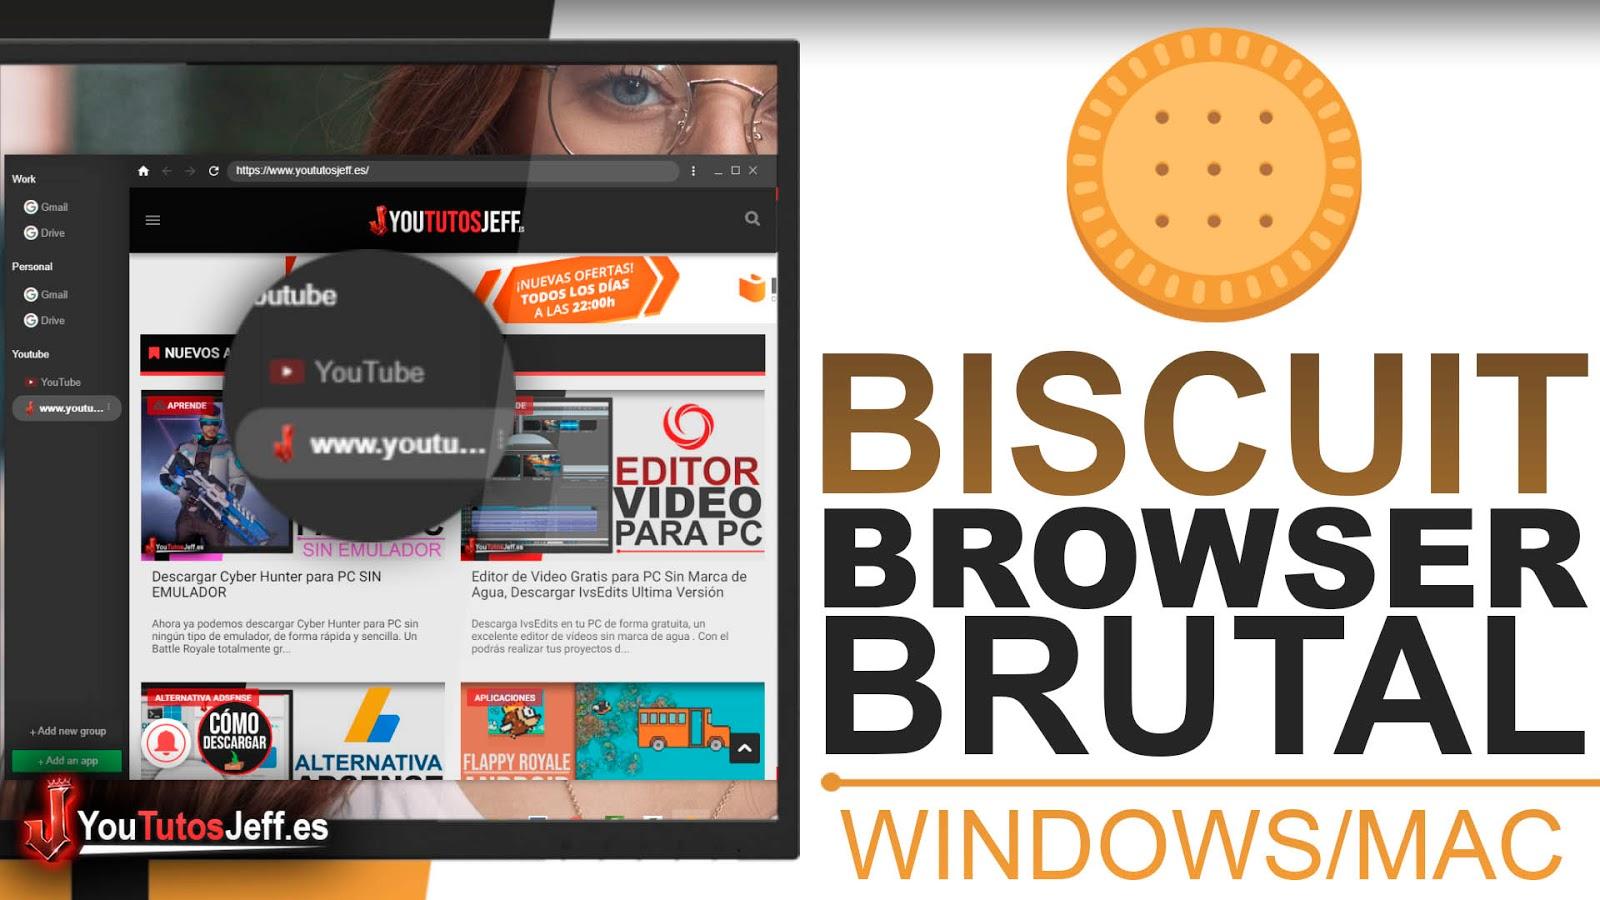 Este Navegador te Sorprenderá, Descargar Biscuit Browser Ultima Versión